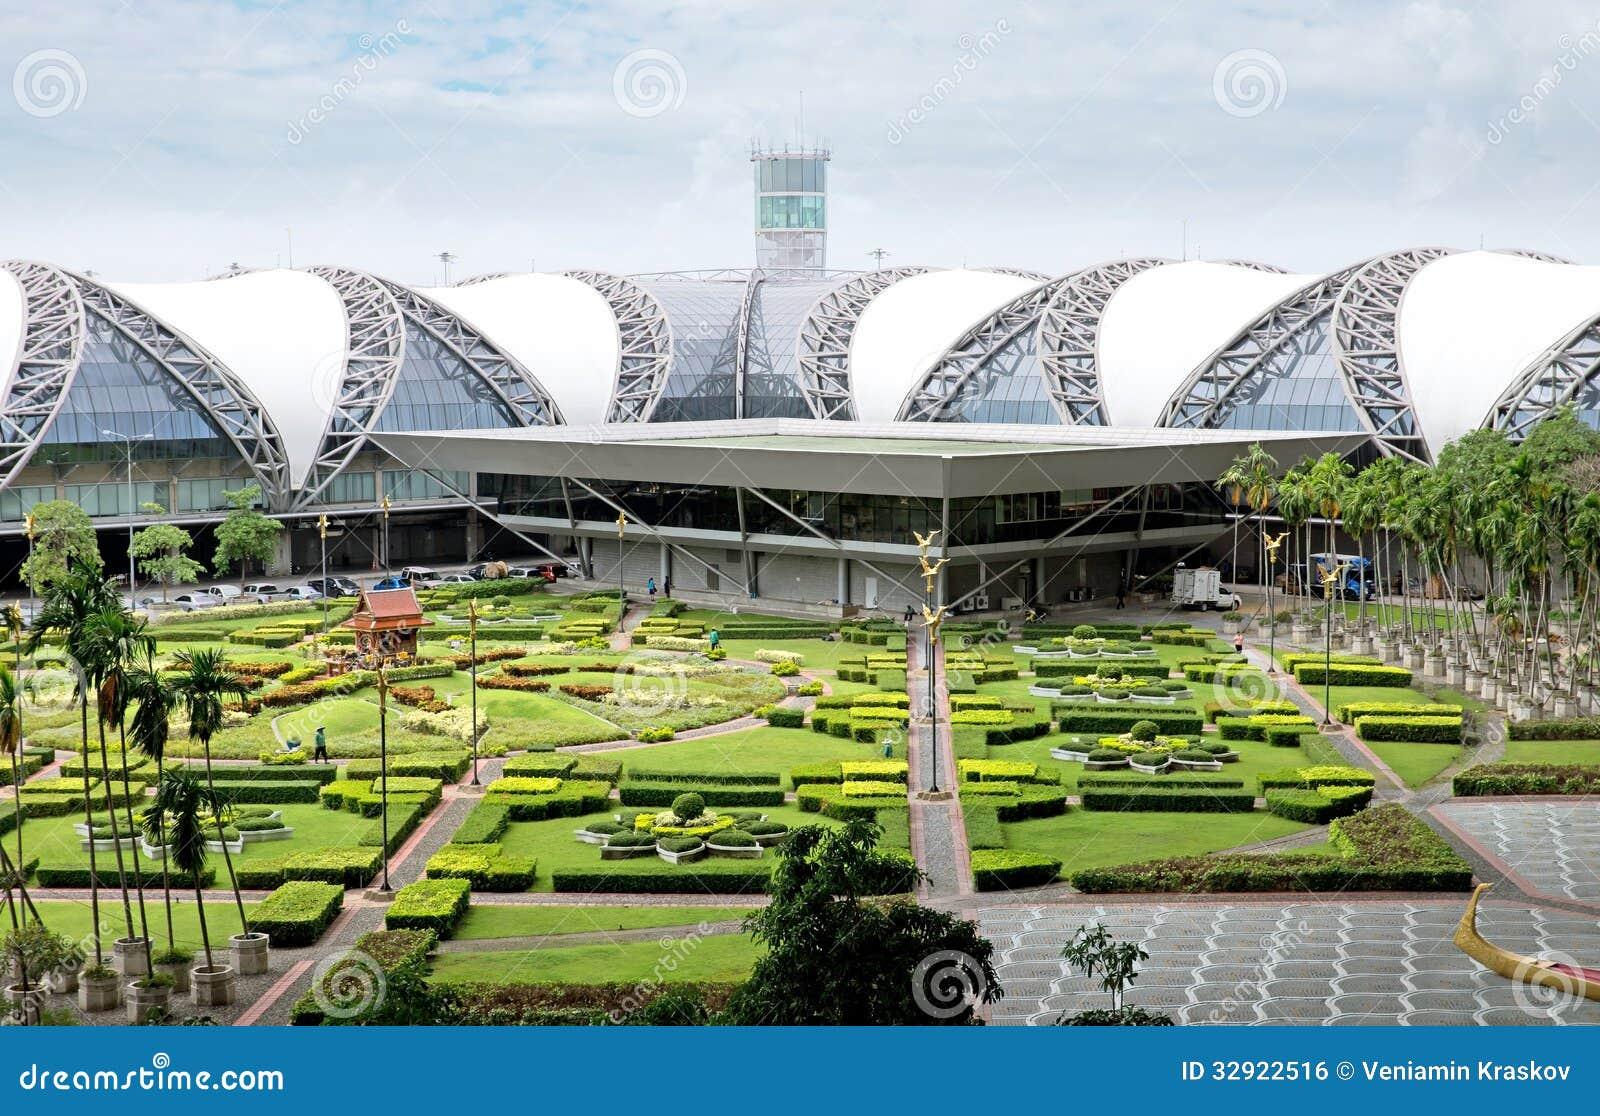 Bangkok thailand july 21 suvarnabhumi airport is the world s third